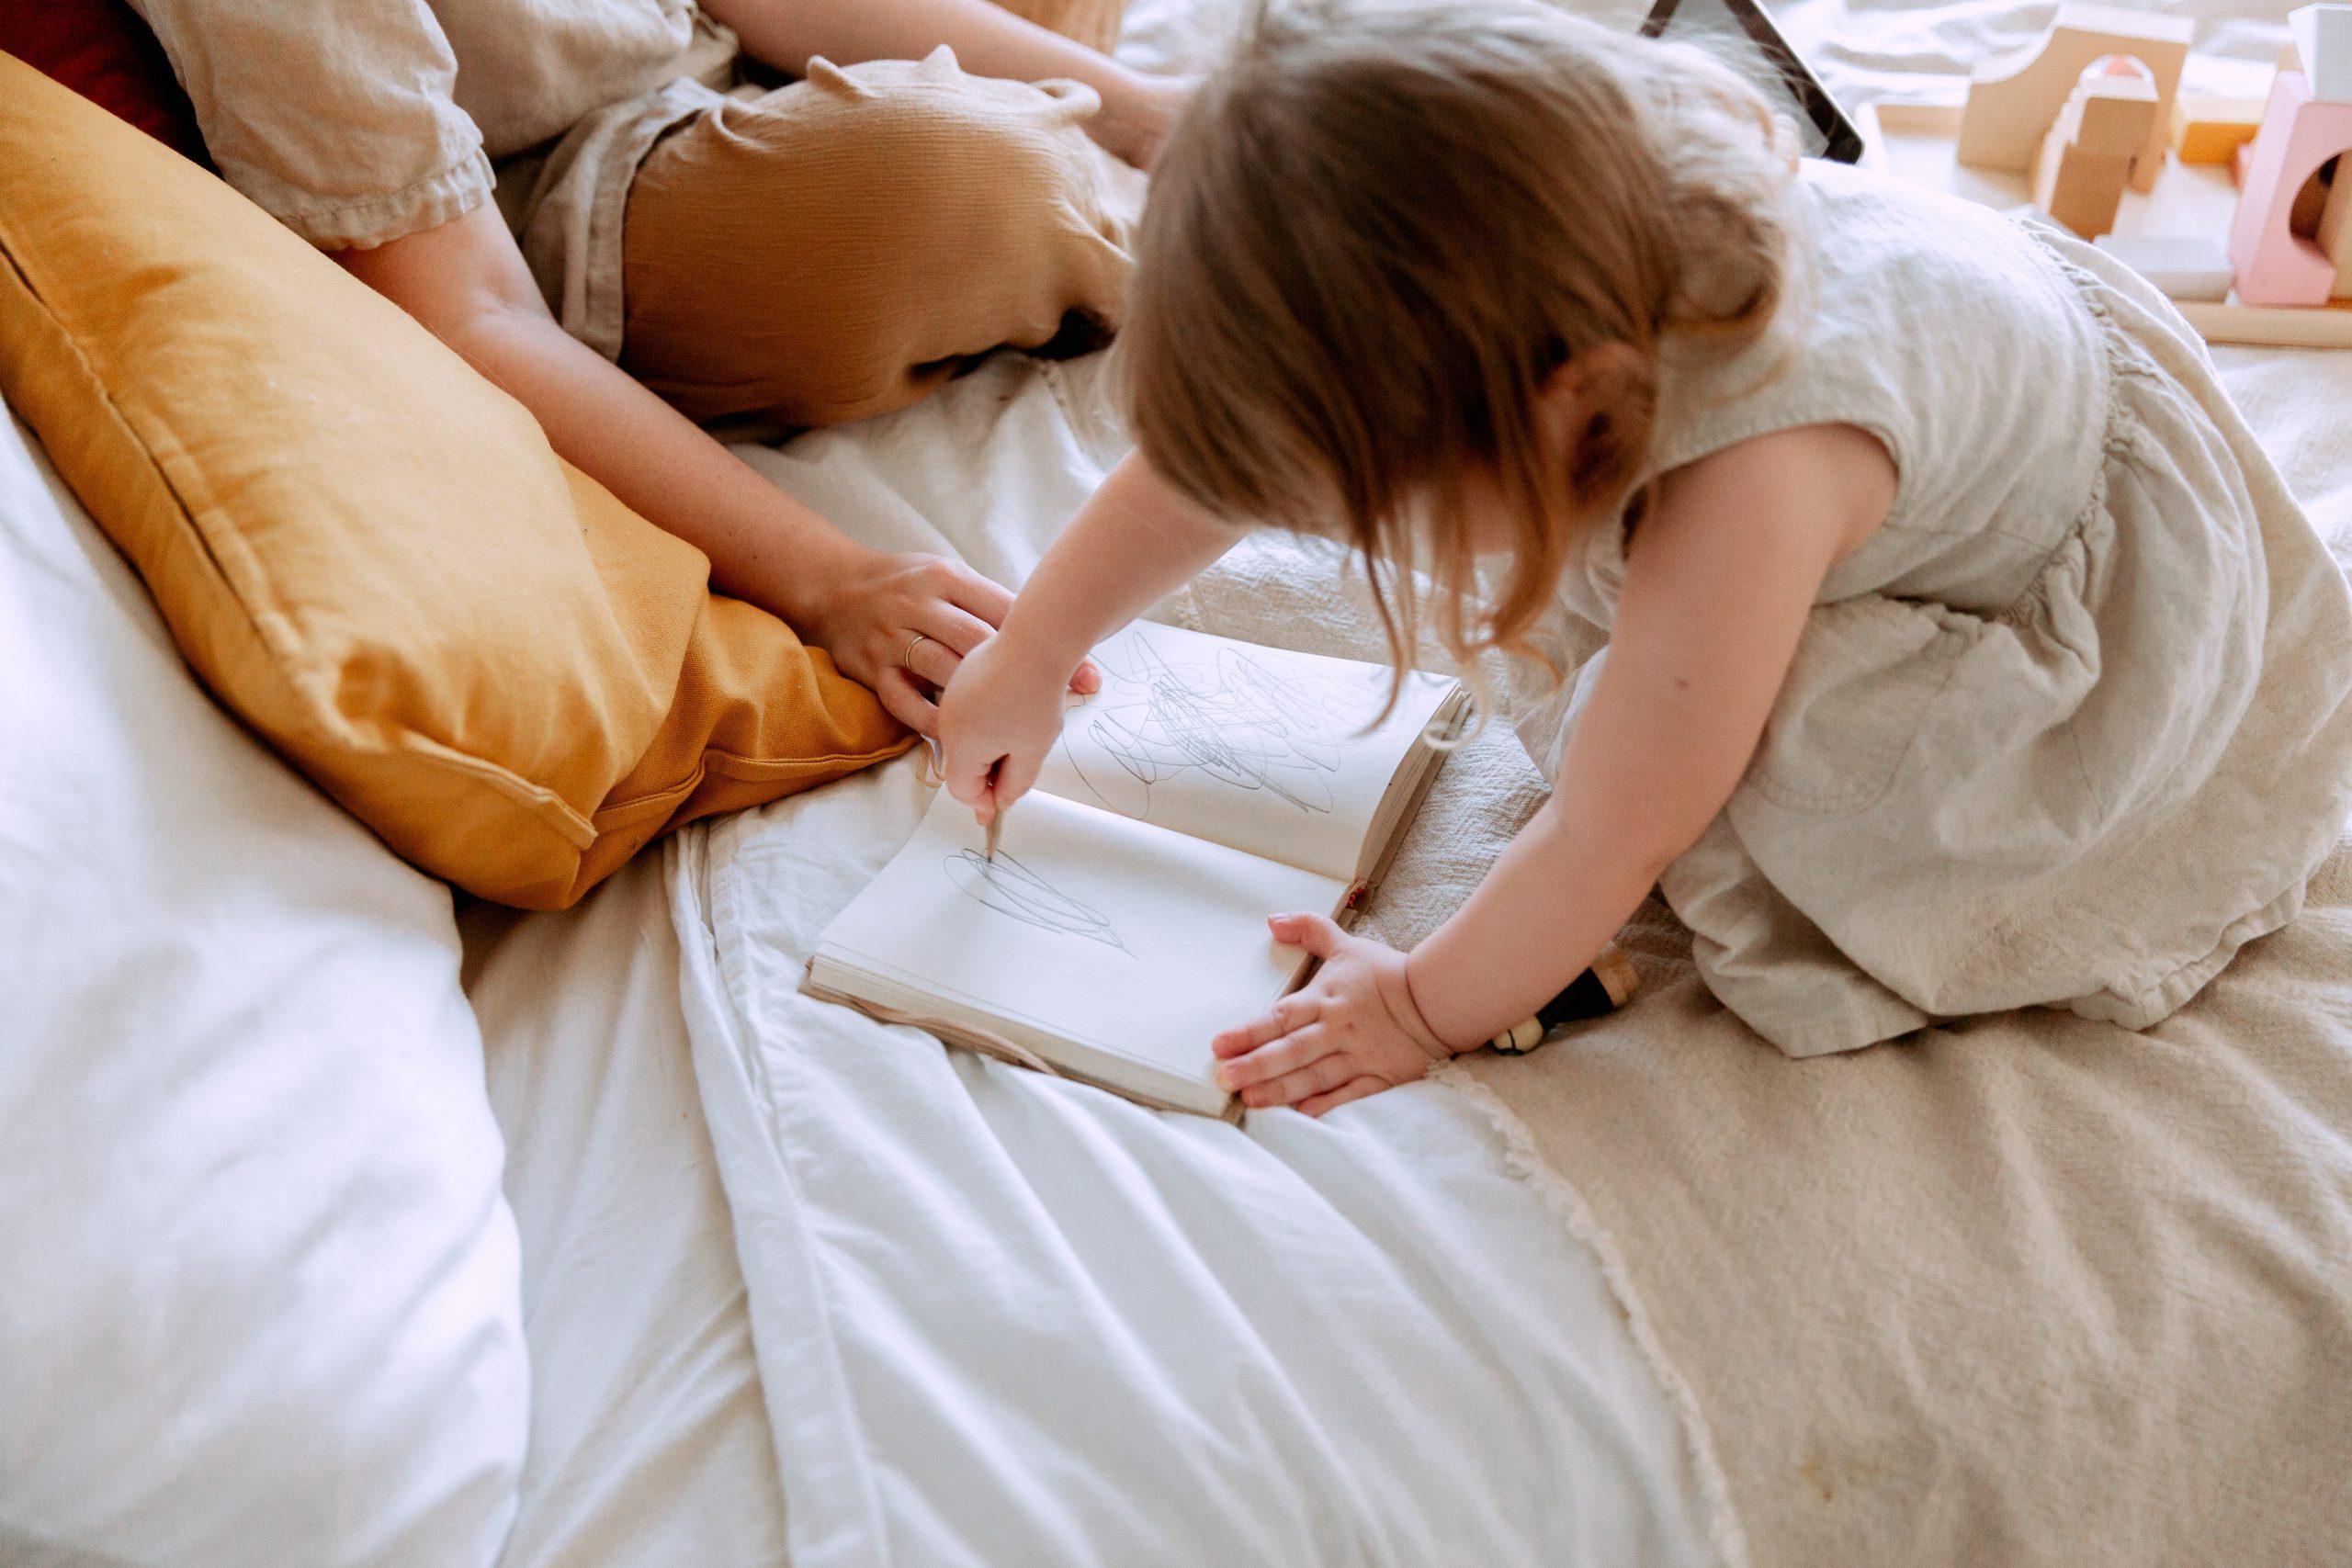 quando iniziano a disegnare e colorare i bambini